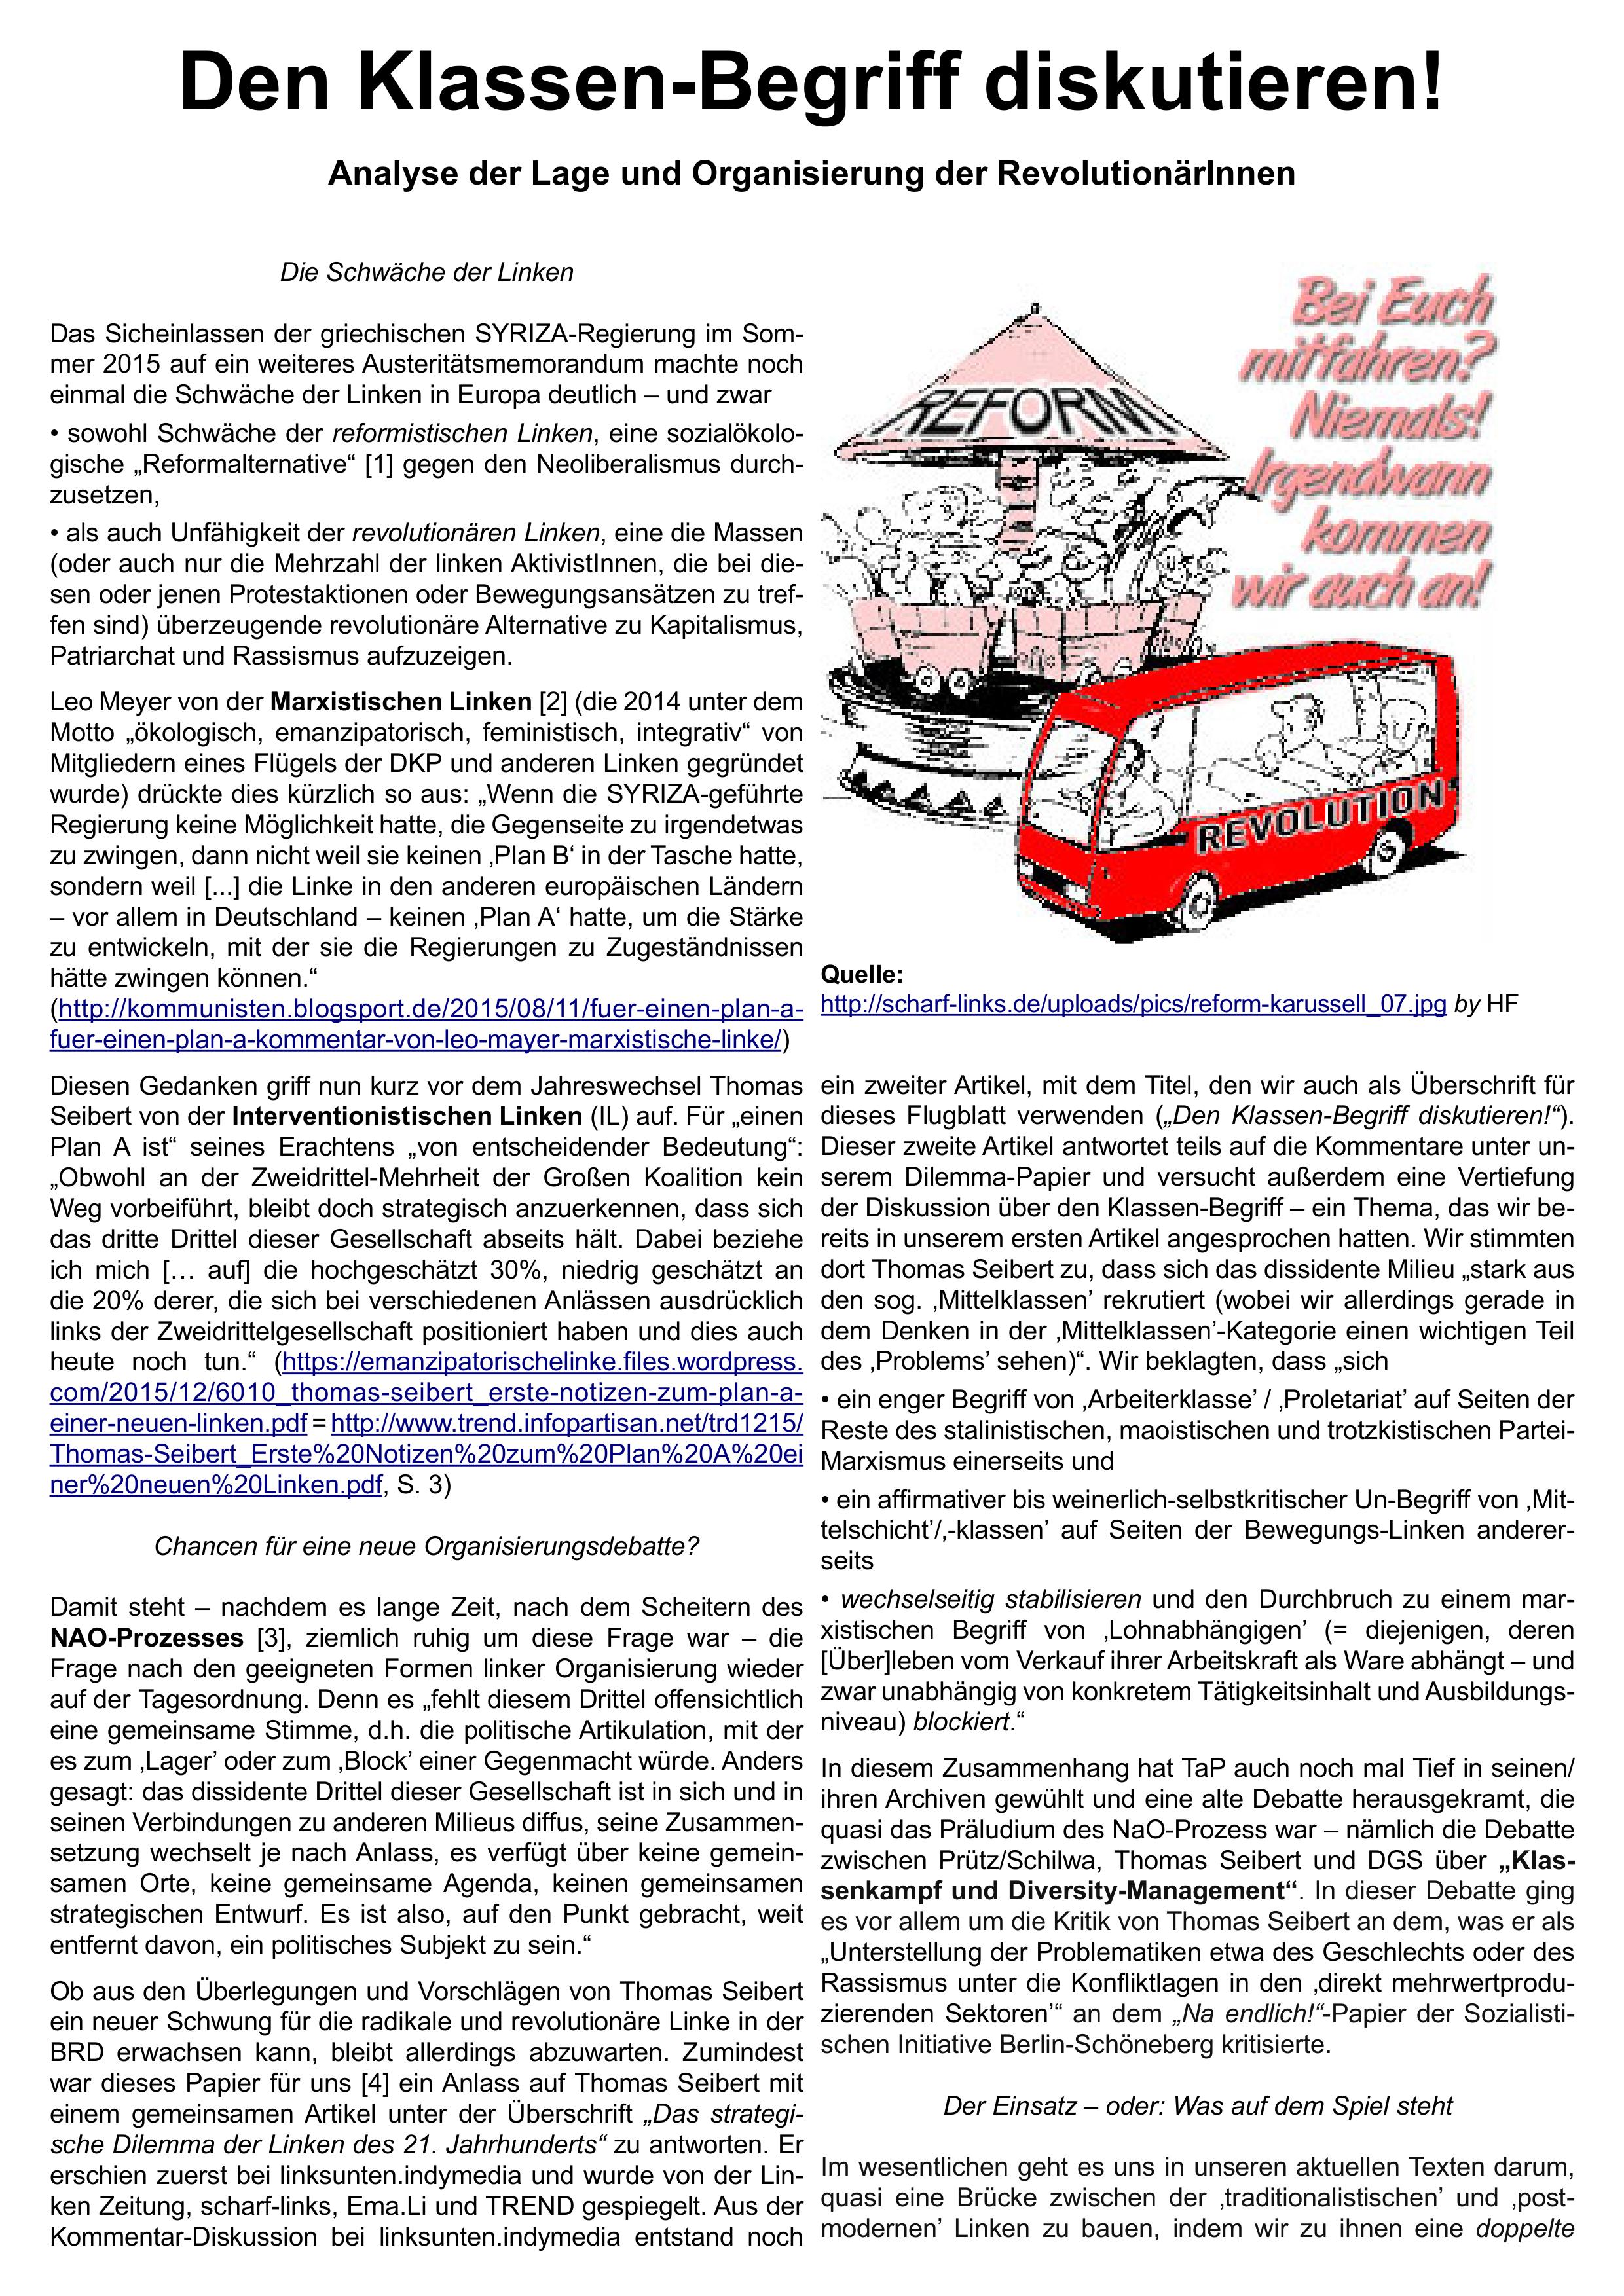 Seite 1 des Flugblatts